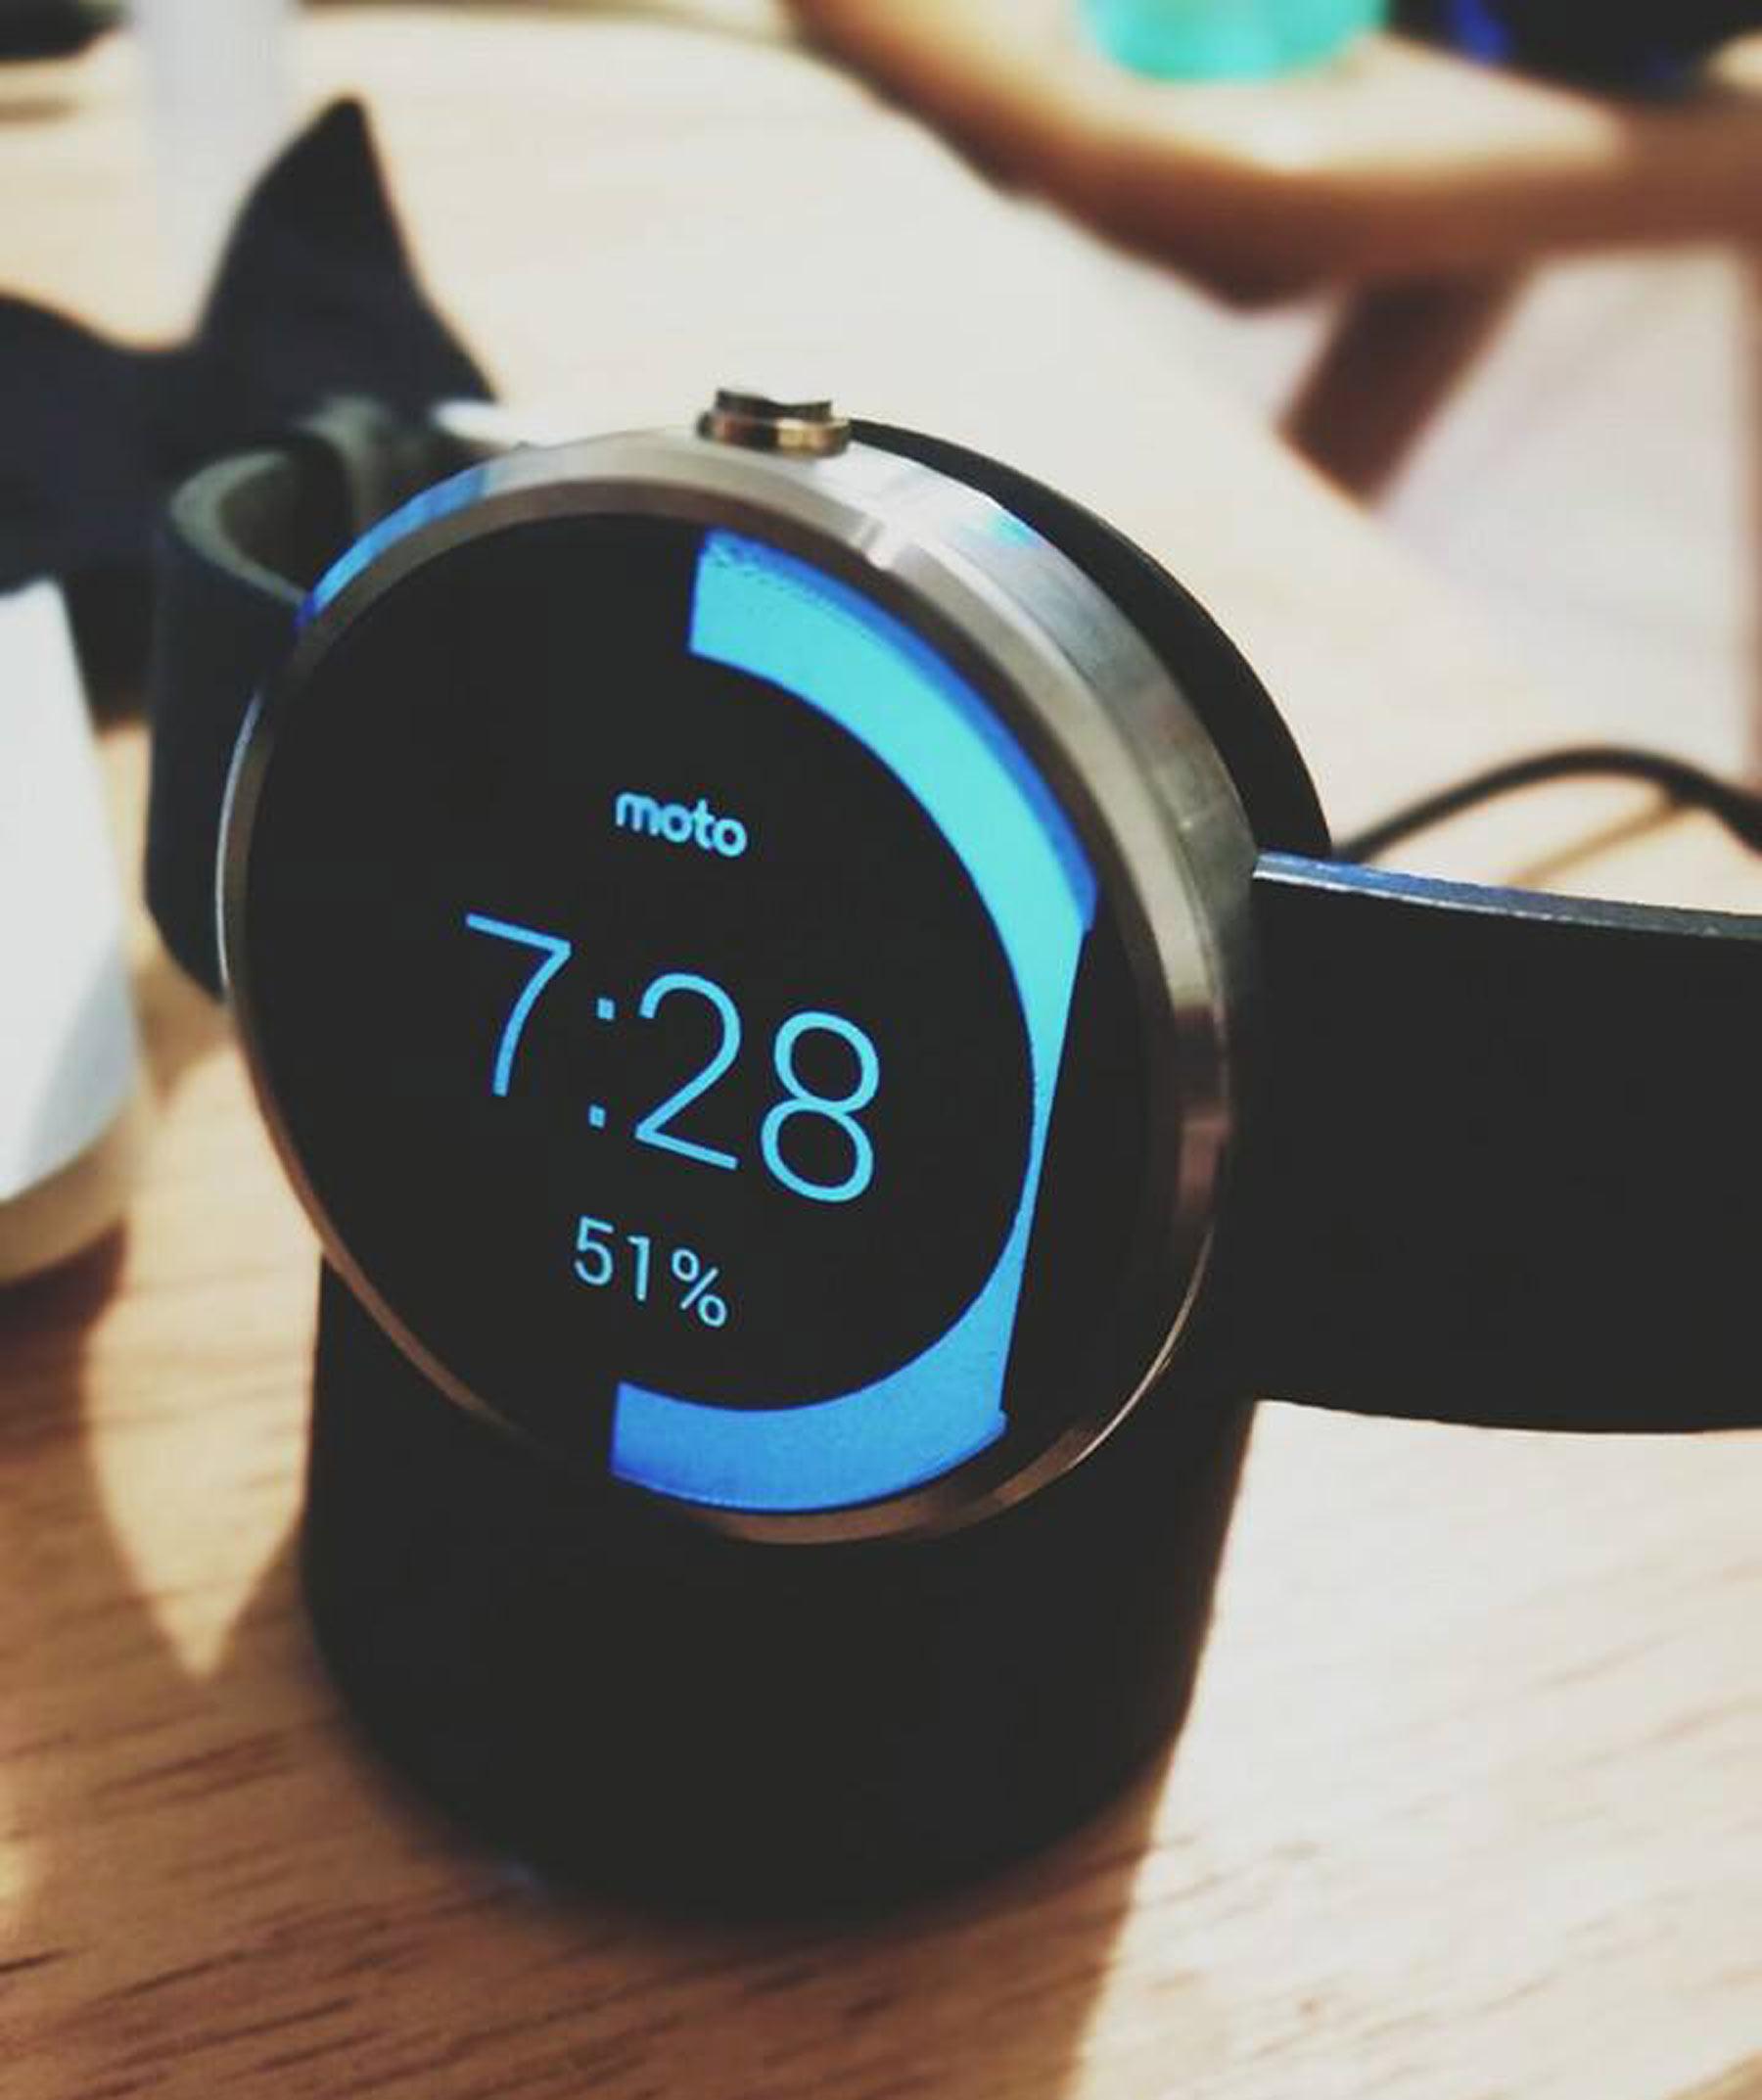 Moto360 on charging base